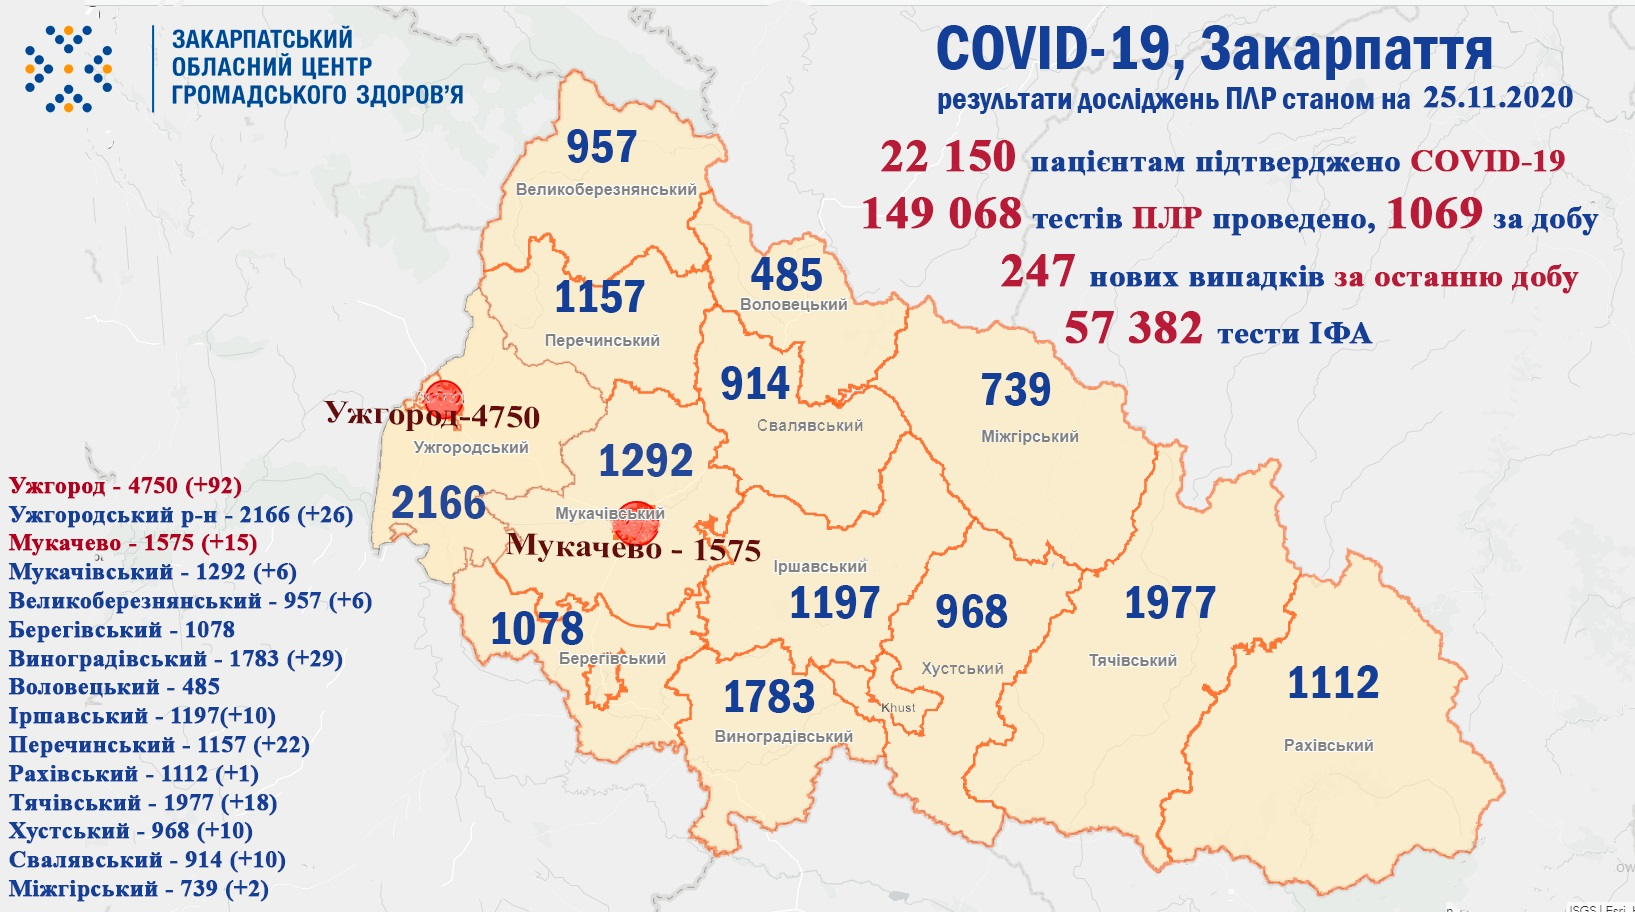 247 випадків COVID-19 виявлено на Закарпатті за добу та 2 пацієнтів померло